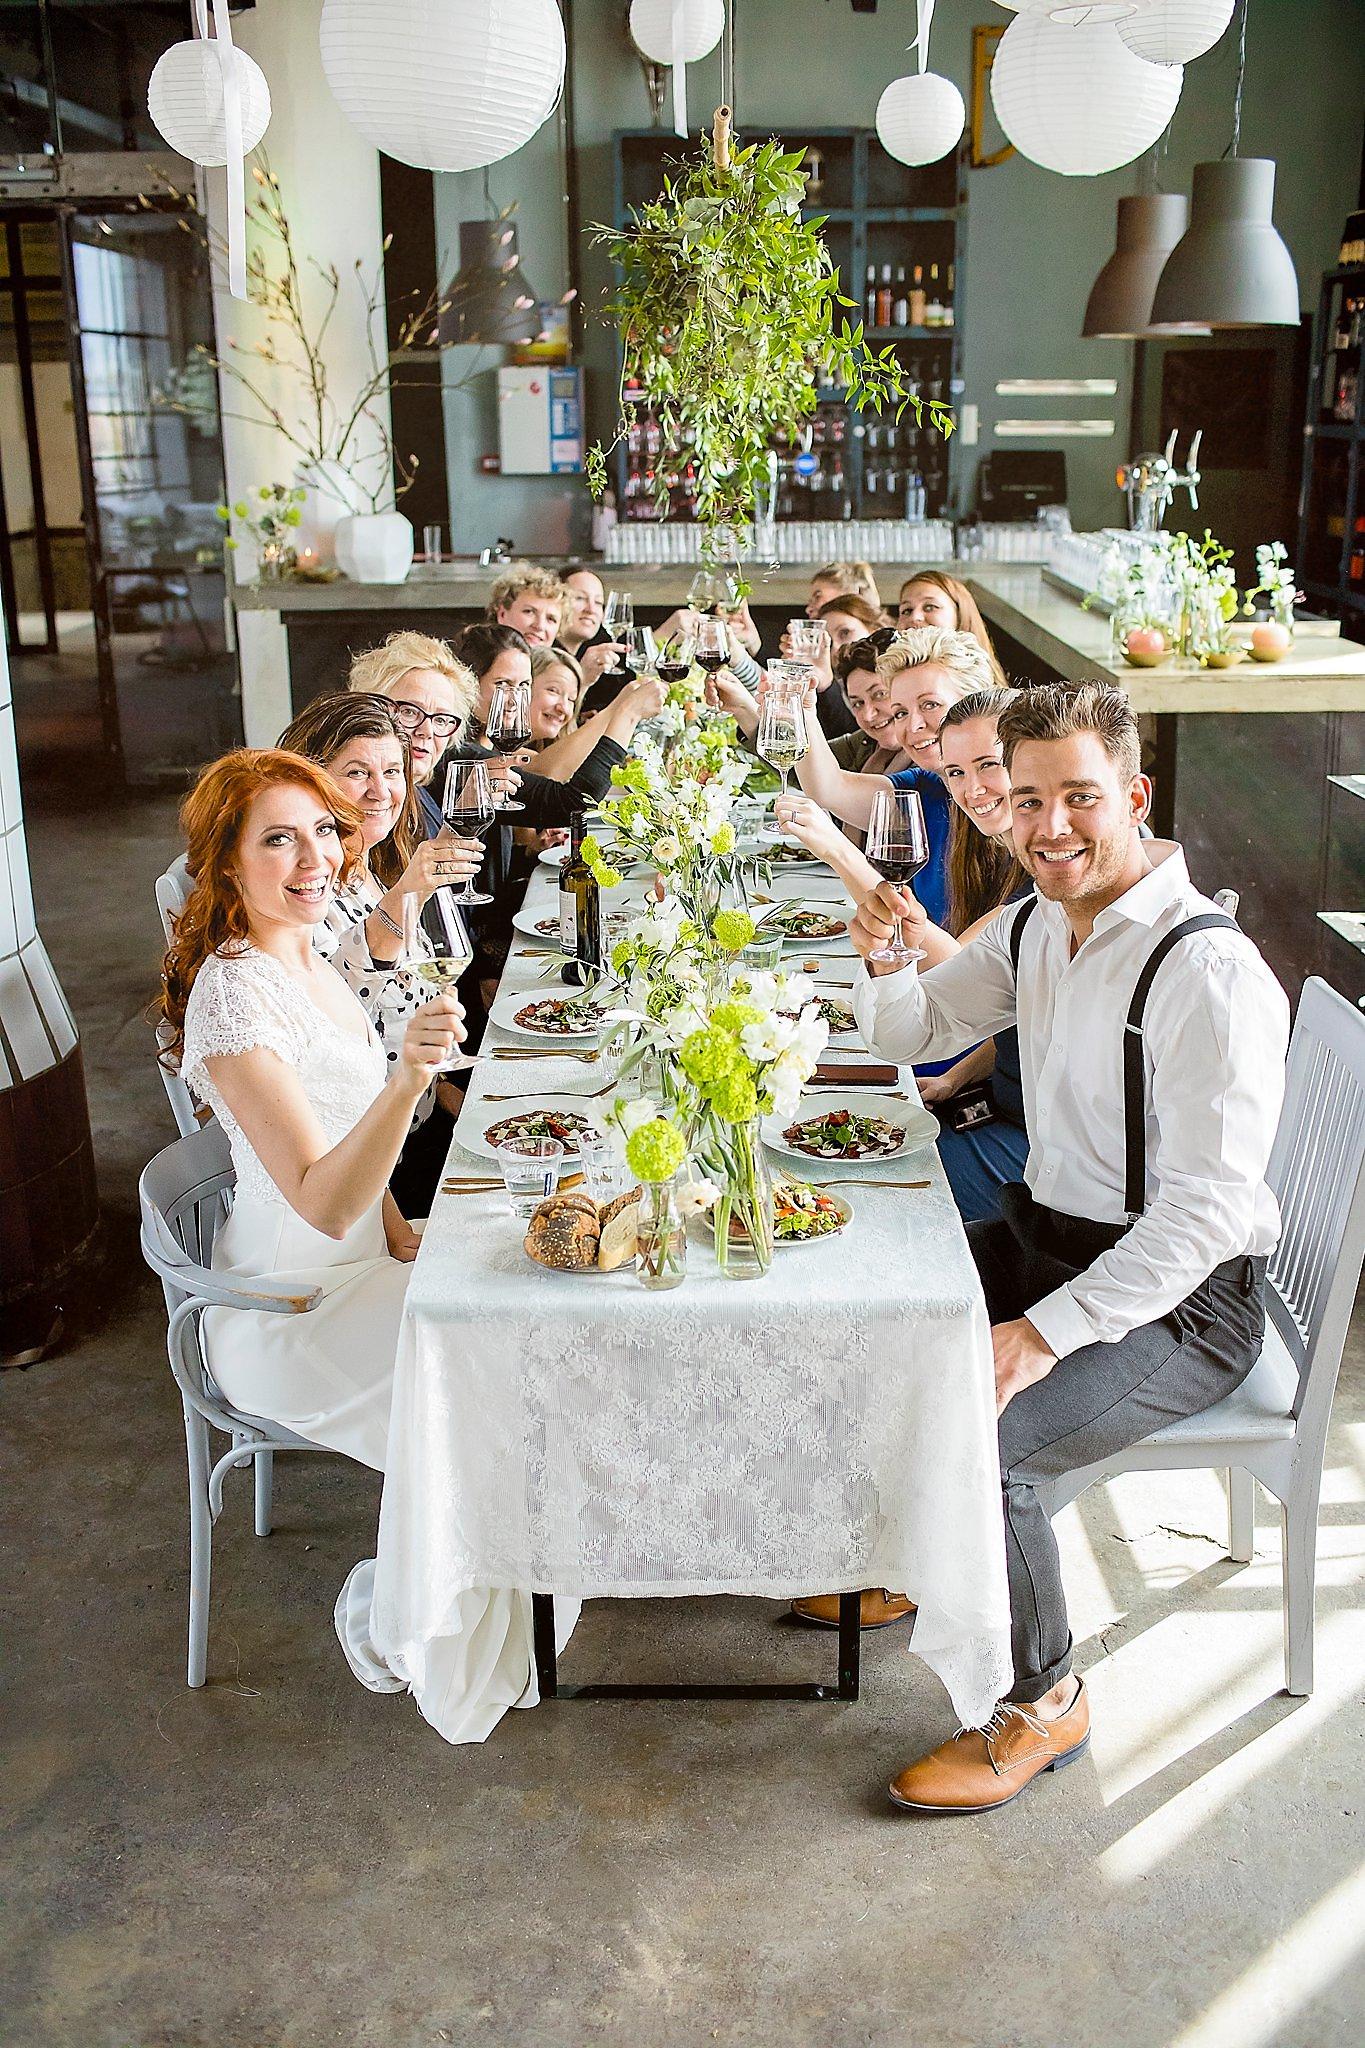 Bruidspaar met hun gasten aan tafel foto gemaakt door Karian Keesmaat van Kijk-Kunstfotografie